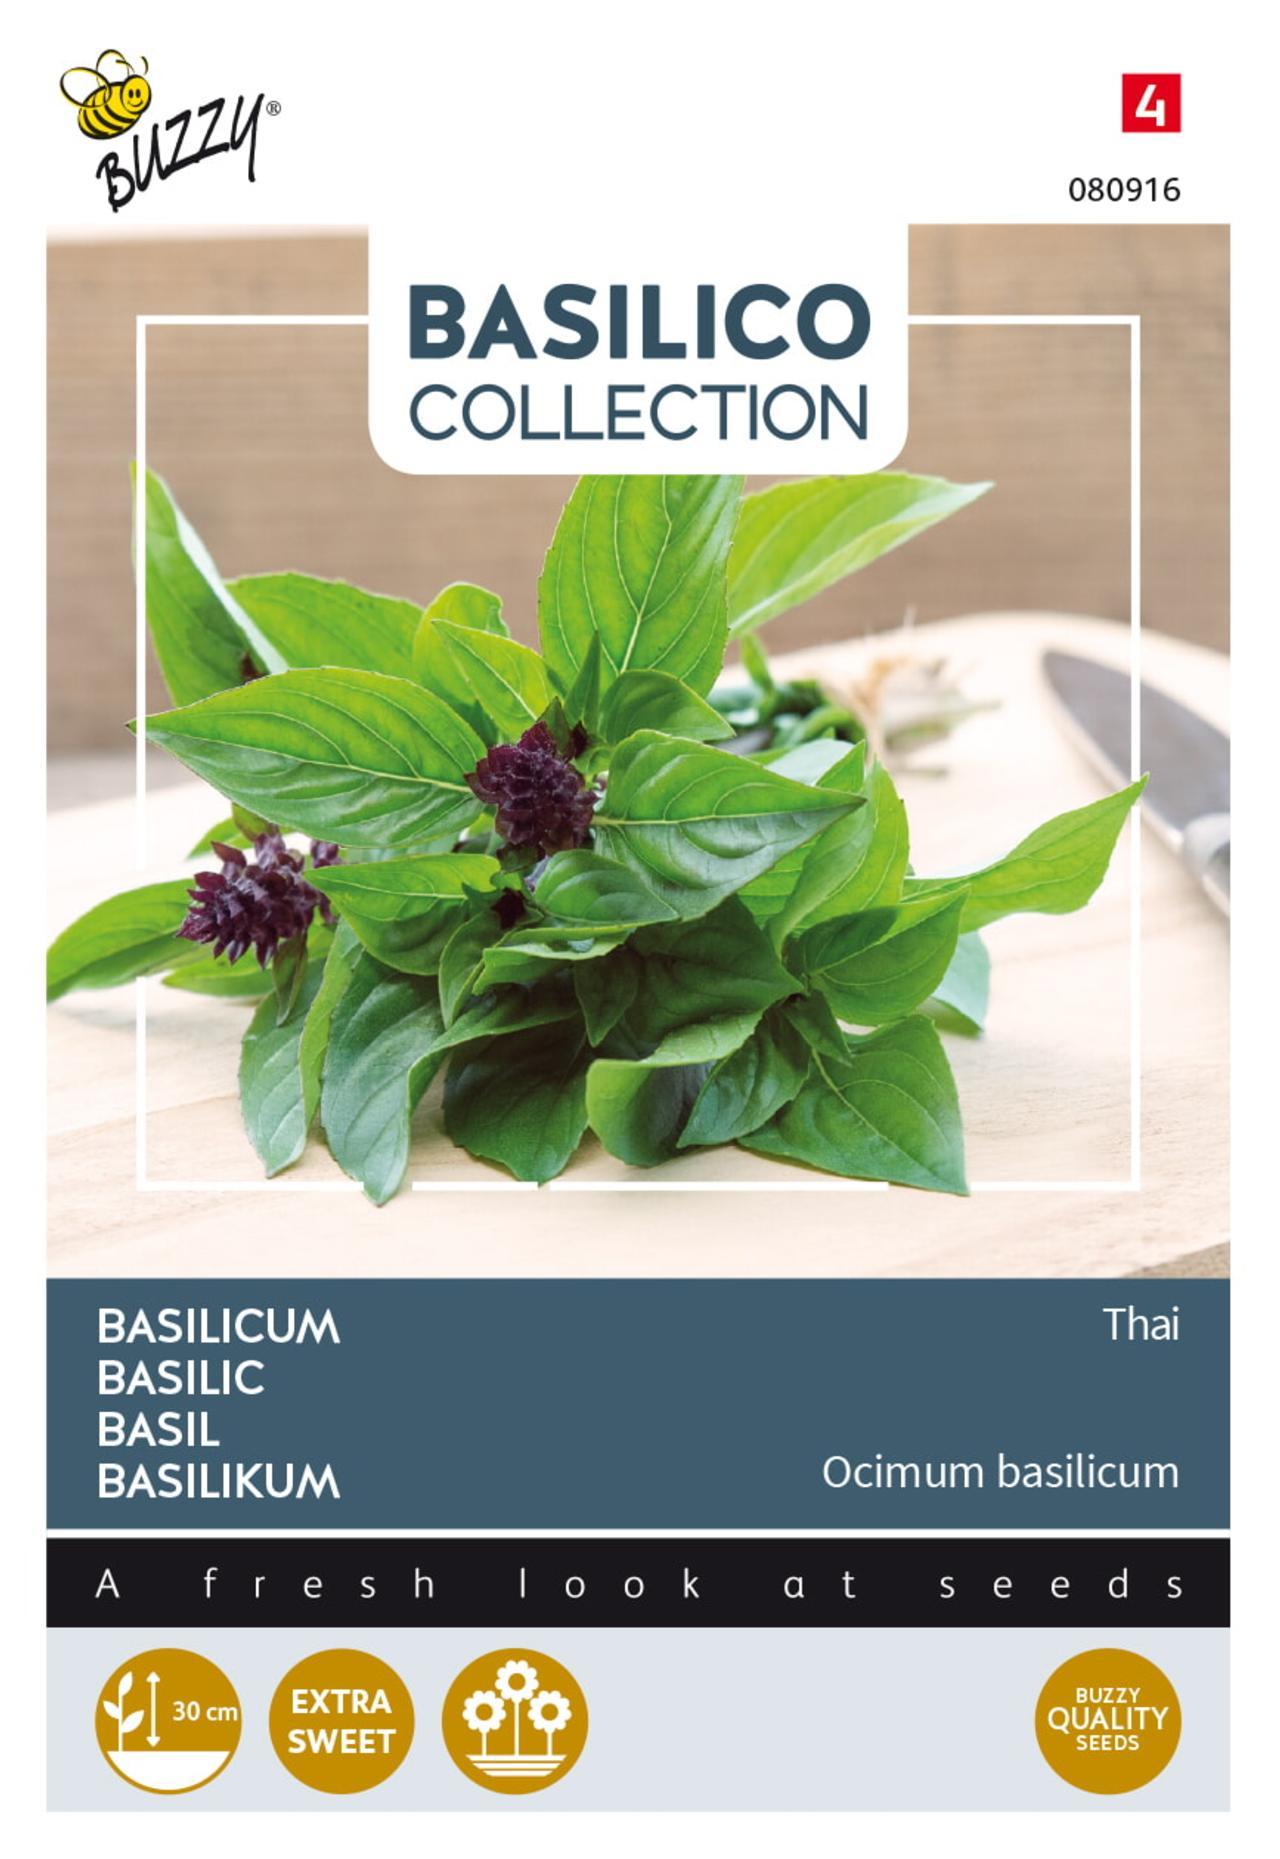 Ocimum basilicum 'Thai' plant